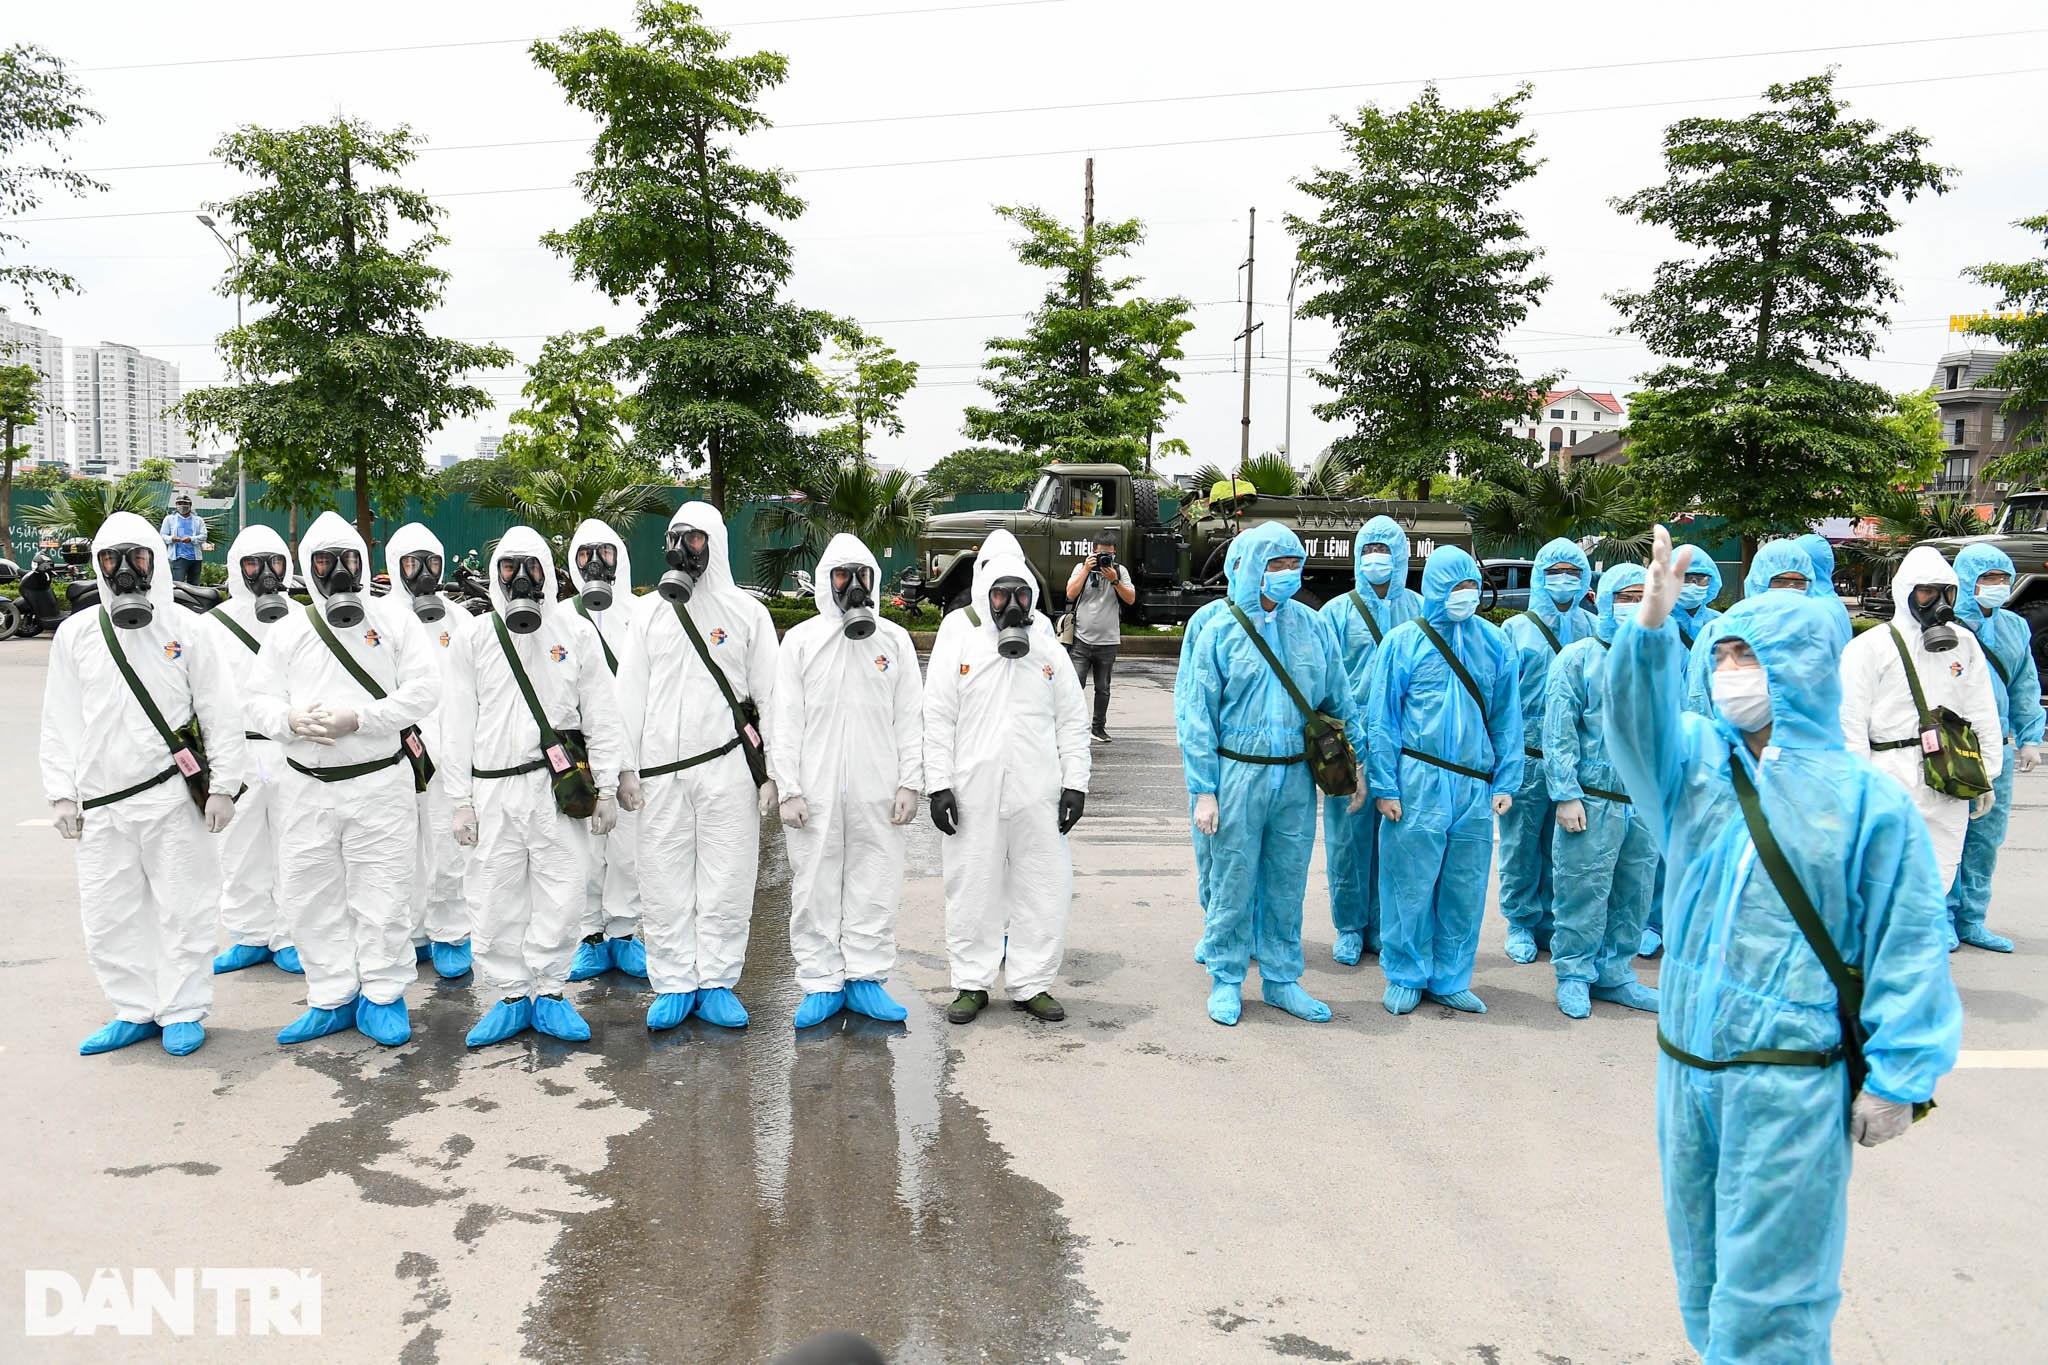 Khẩn cấp phun khử khuẩn, tiêu độc toàn bộ Bệnh viện K cơ sở Tân Triều - 1